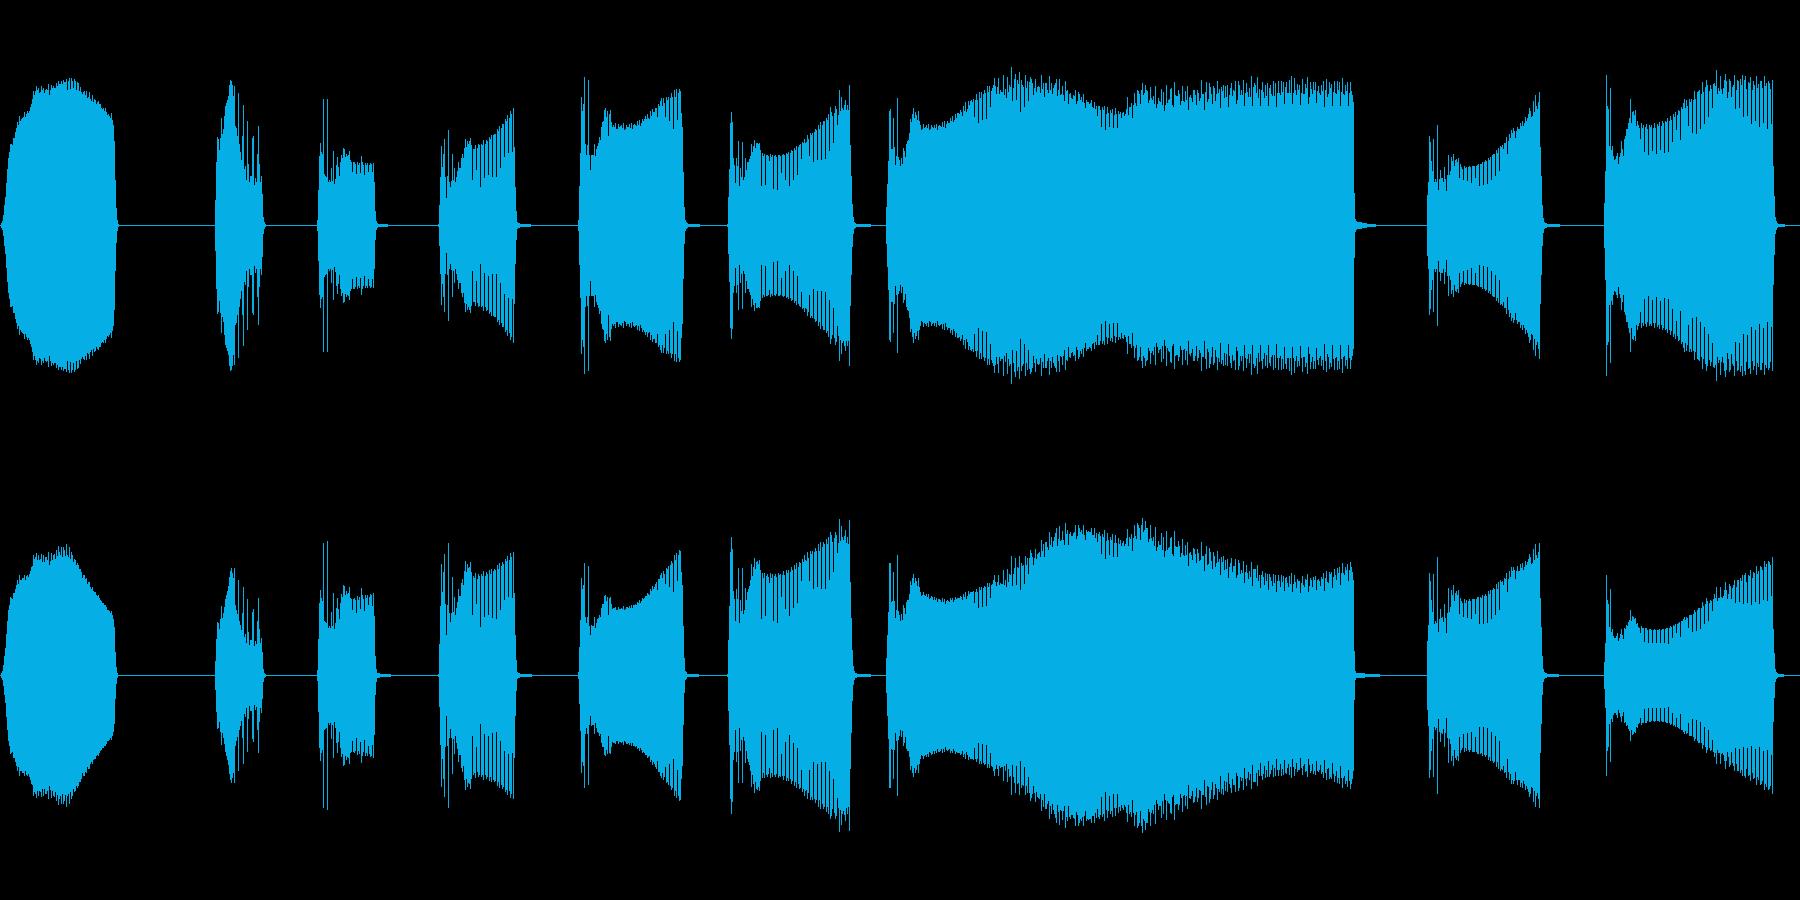 中空IDビープ音の再生済みの波形